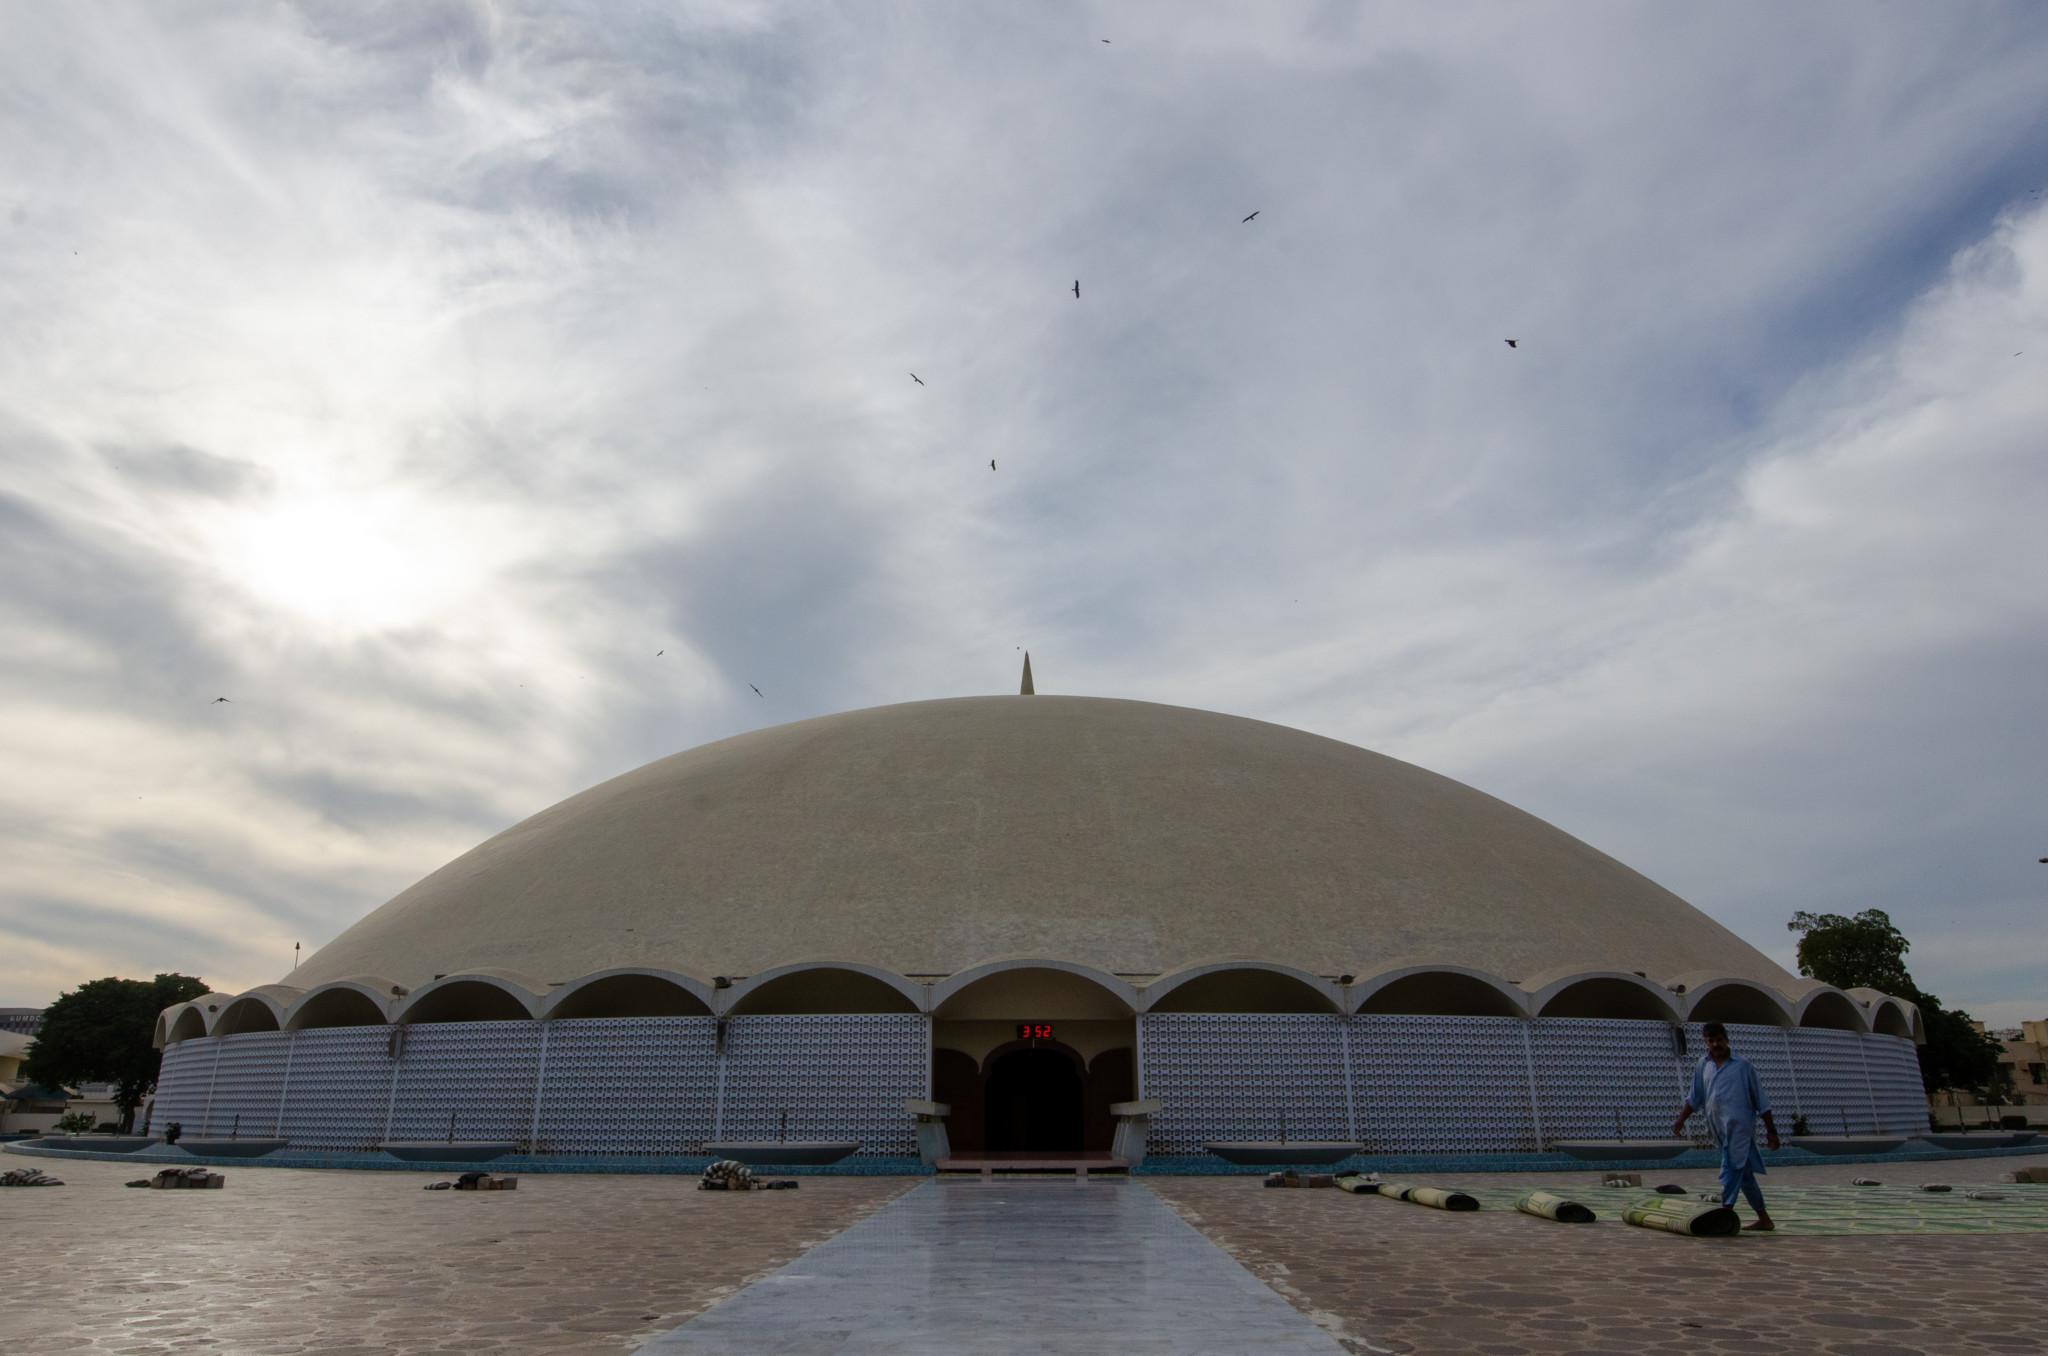 Diese Moschee in Karatschi gehört zu den modernsten des Landes